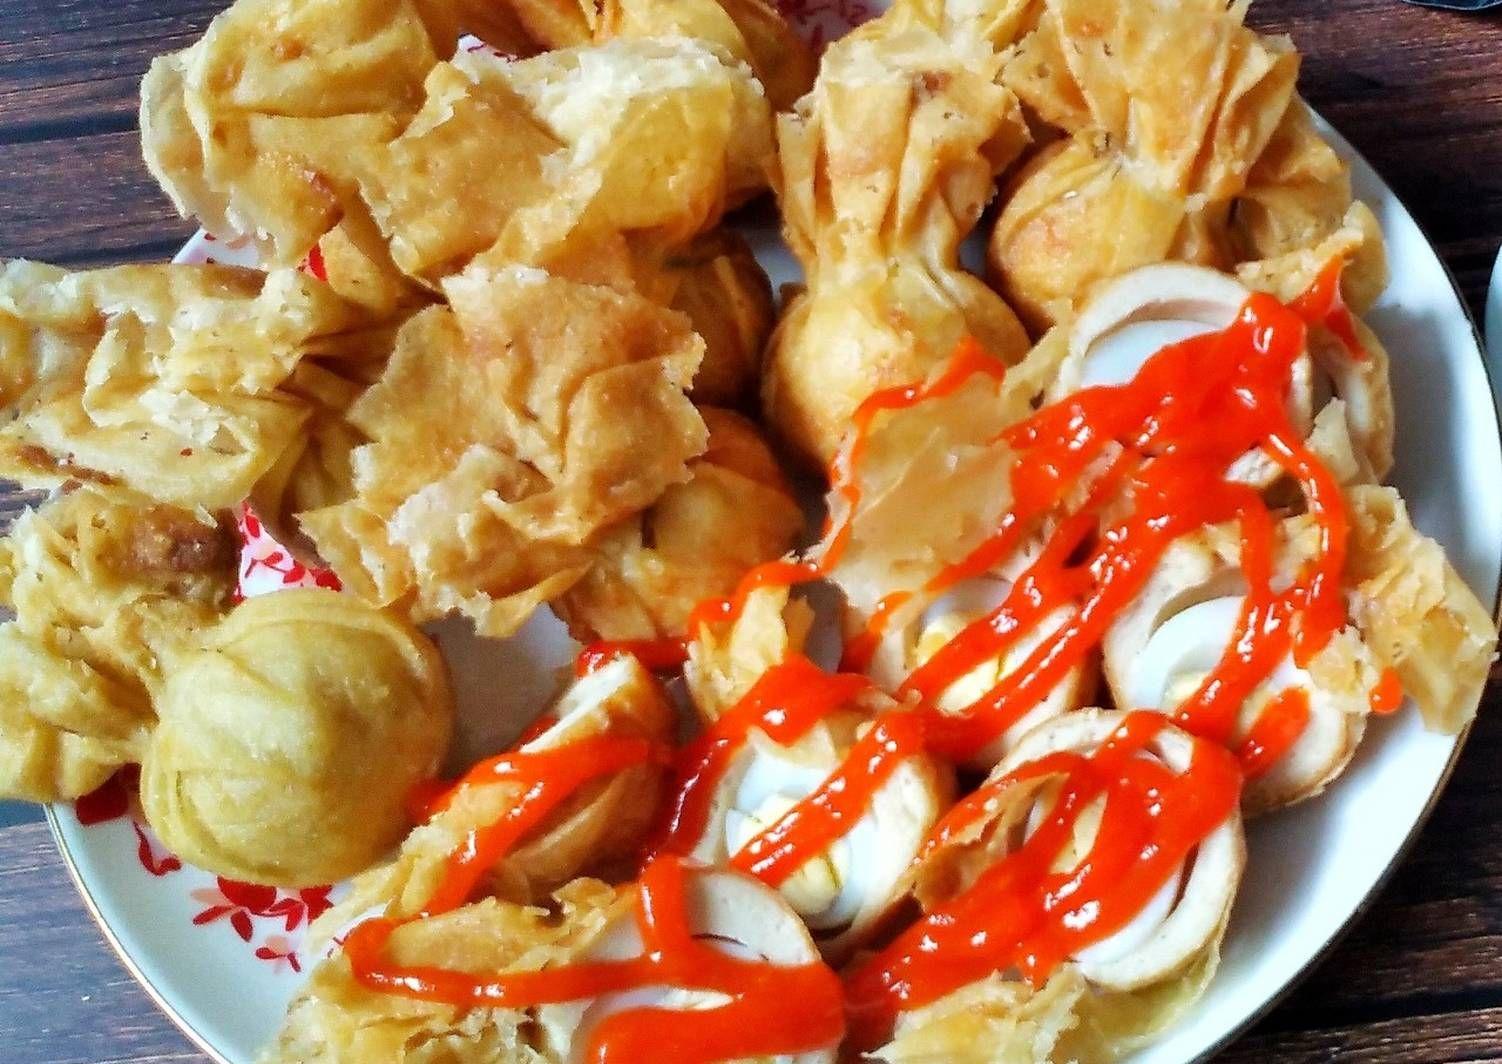 Resep Ekado Ayam Udang Oleh Susan Mellyani Resep Resep Udang Resep Makanan Saus Sambal